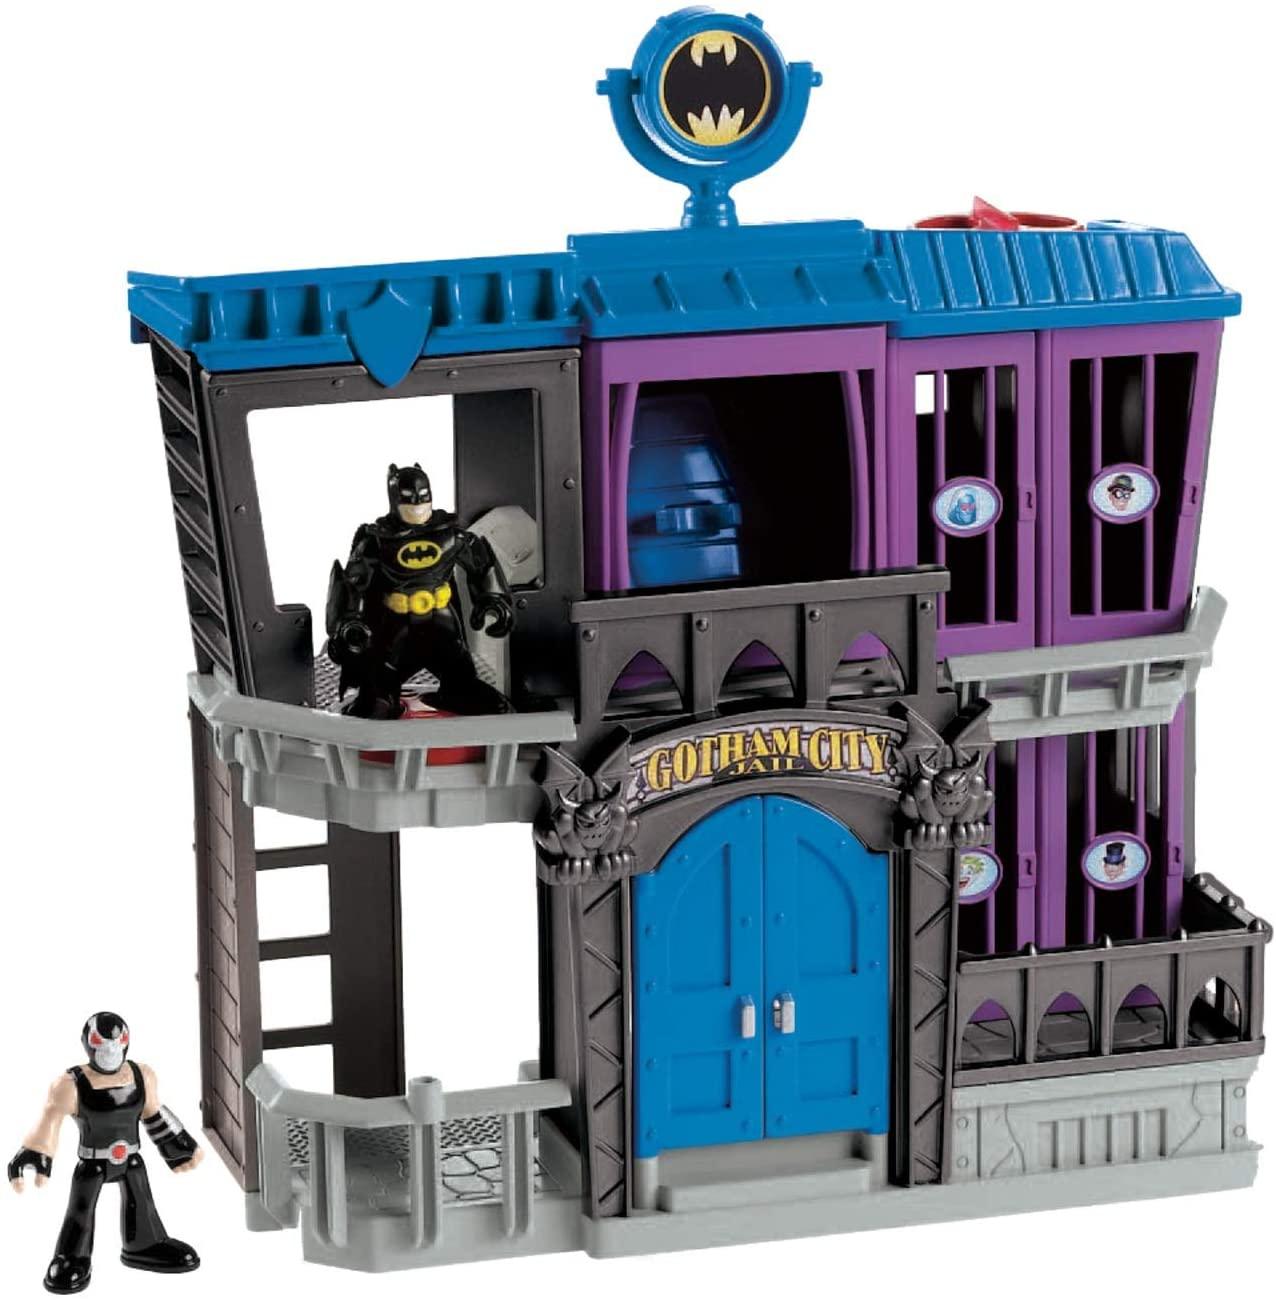 Imaginext DC Super Friends Gotham City Jail with Batman £22.50 (Click & Collect) @ Argos